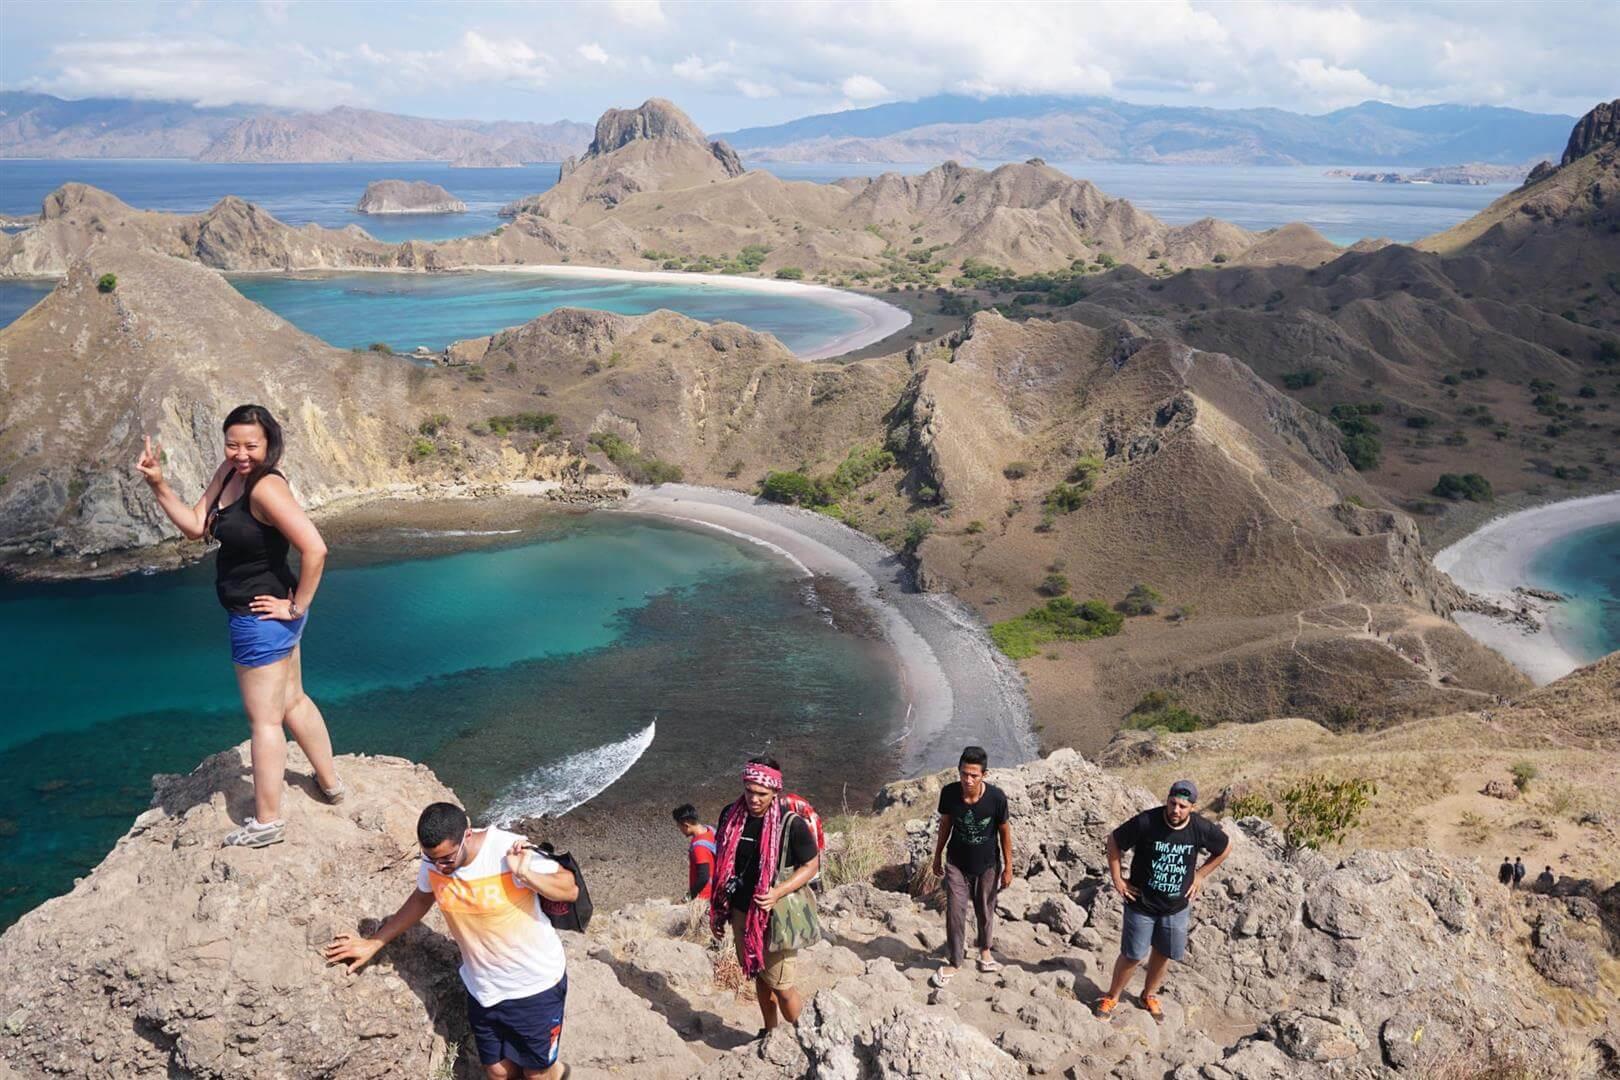 Tika Larasati | Photo: Sutiknyo | Location: Padar Island, Komodo National Park, Indonesia